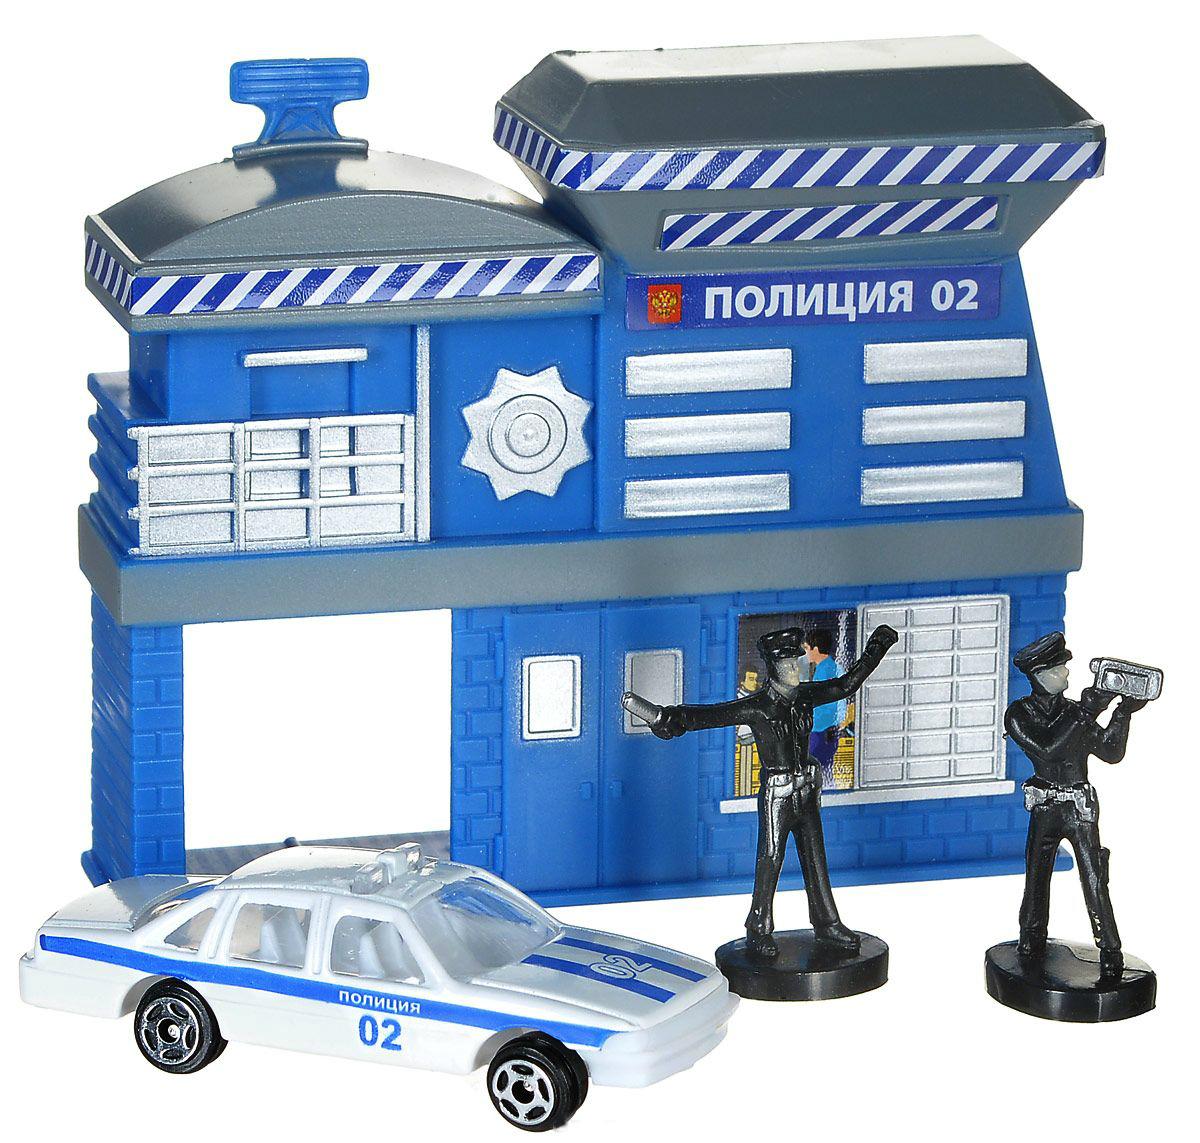 Купить Набор - Полицейская часть с металлической машиной 7, 5 см и 2-мя фигурками, Технопарк